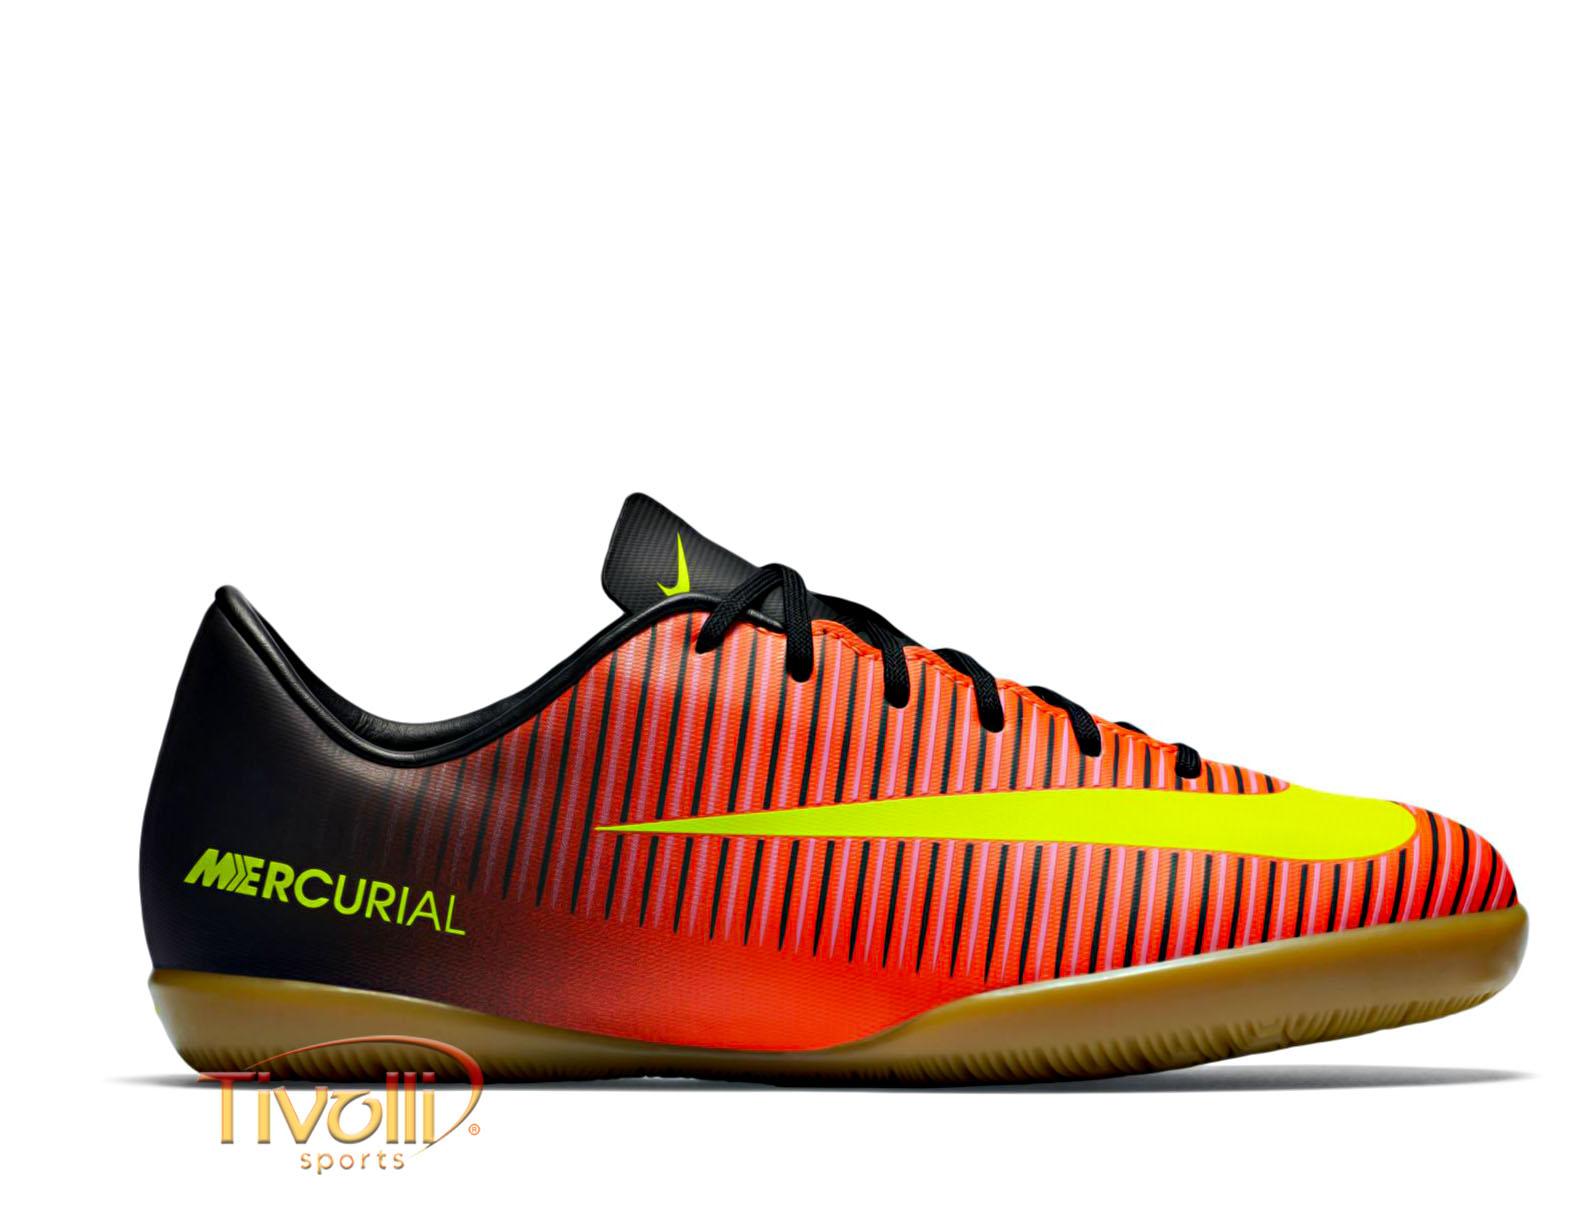 9c051f1cf4db9 Chuteira Nike Mercurial Vapor XI IC Jr Futsal   Juvenil Laranja ...